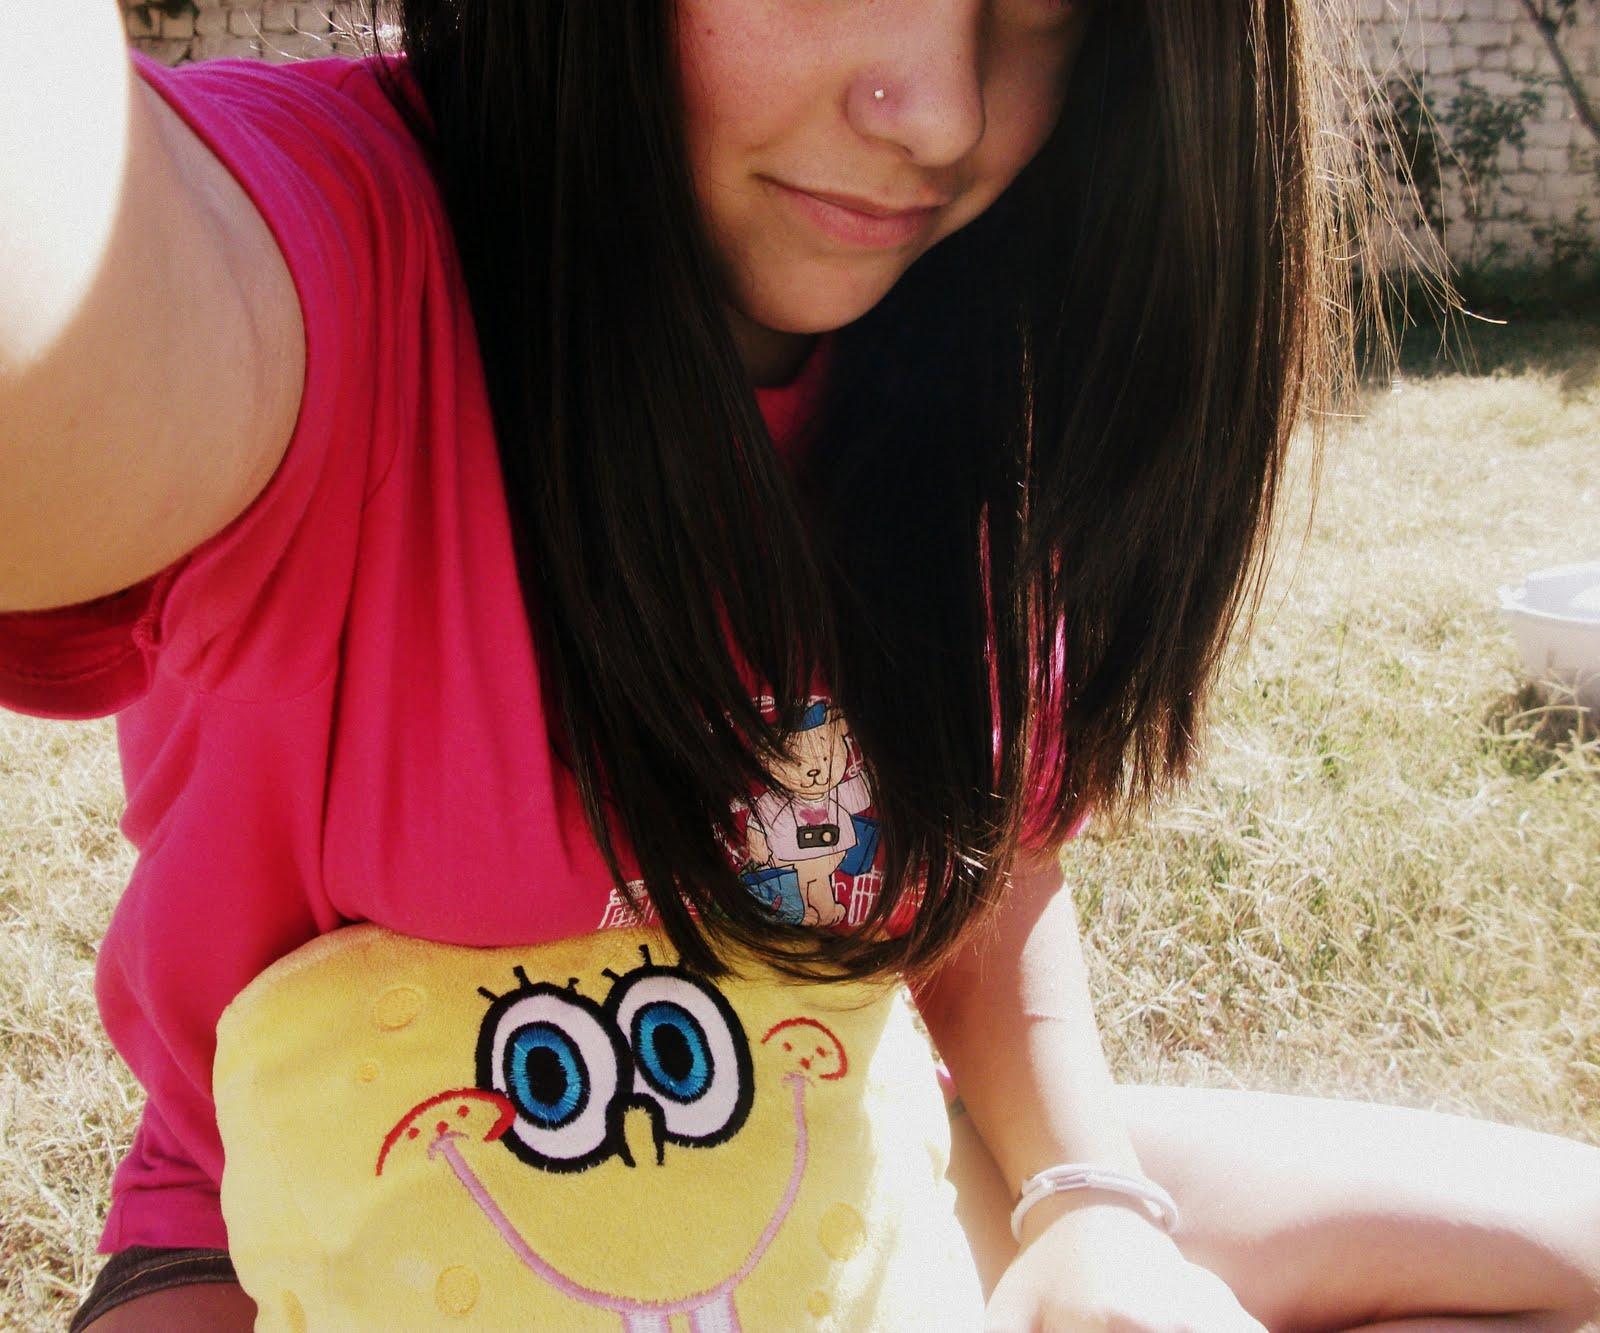 Sponge Bob;)